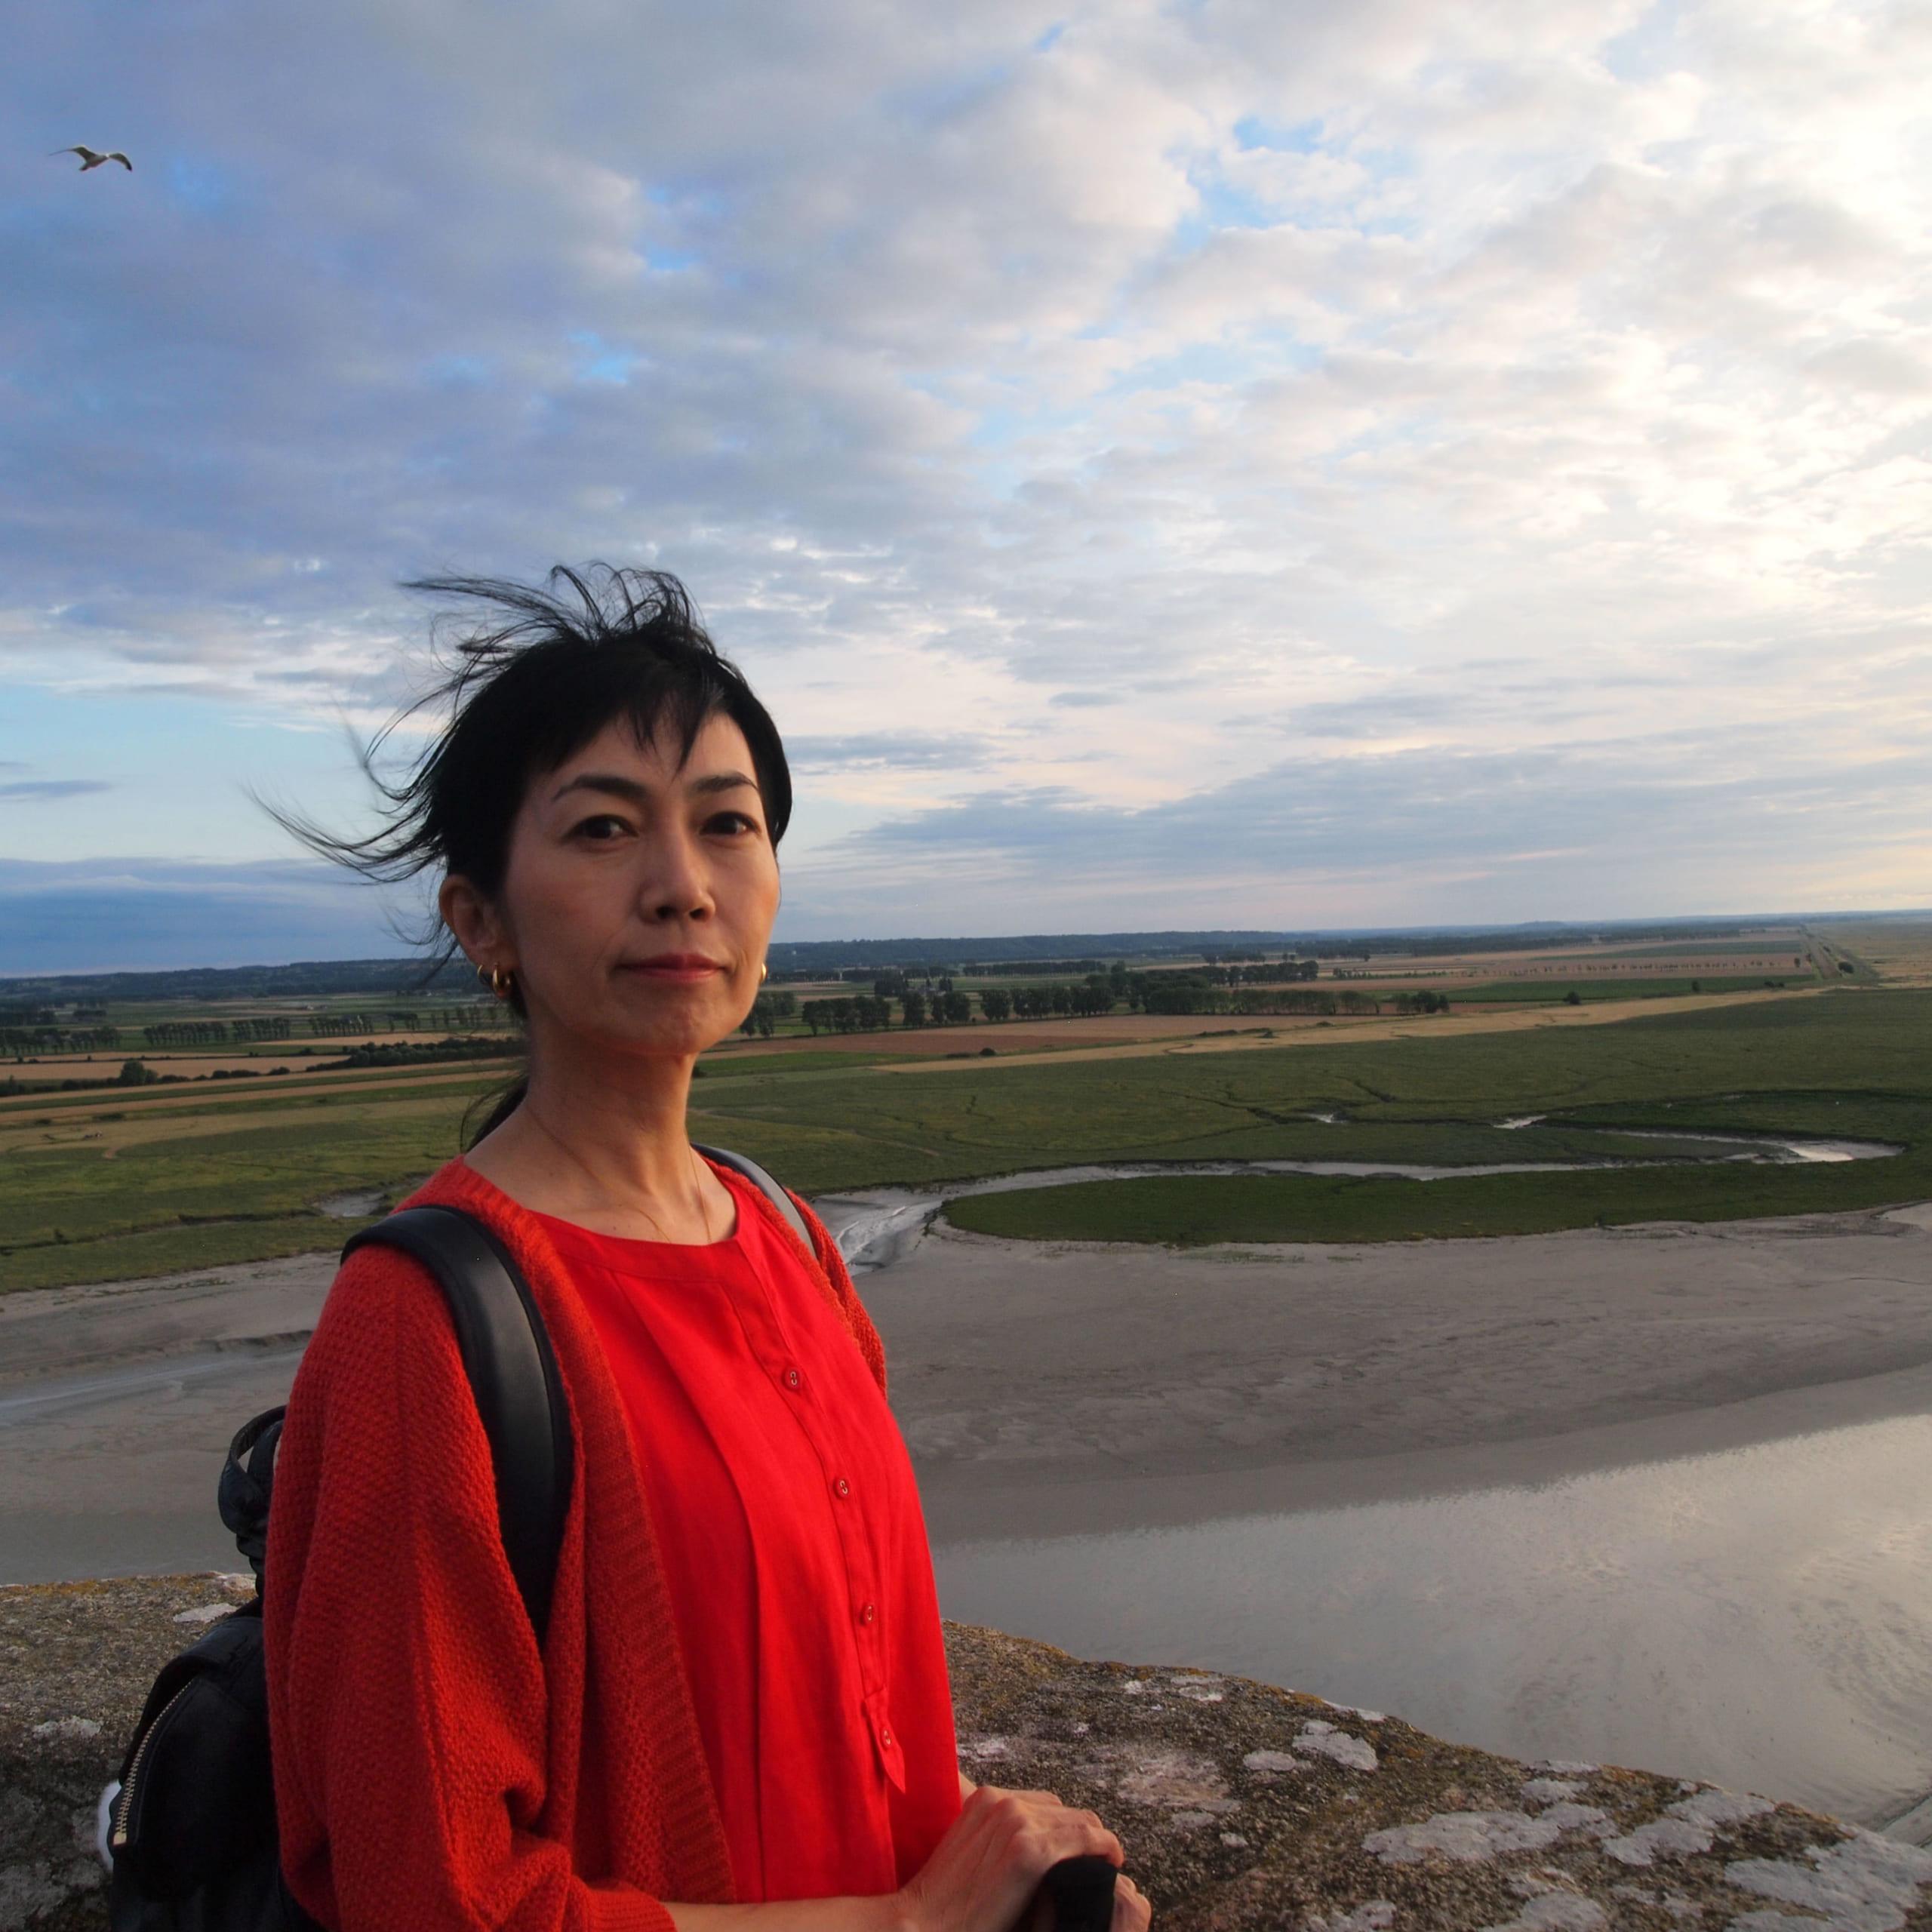 ミステリーハンター29年目!<br />51歳の竹内海南江が世界で挑戦し続ける理由<br />